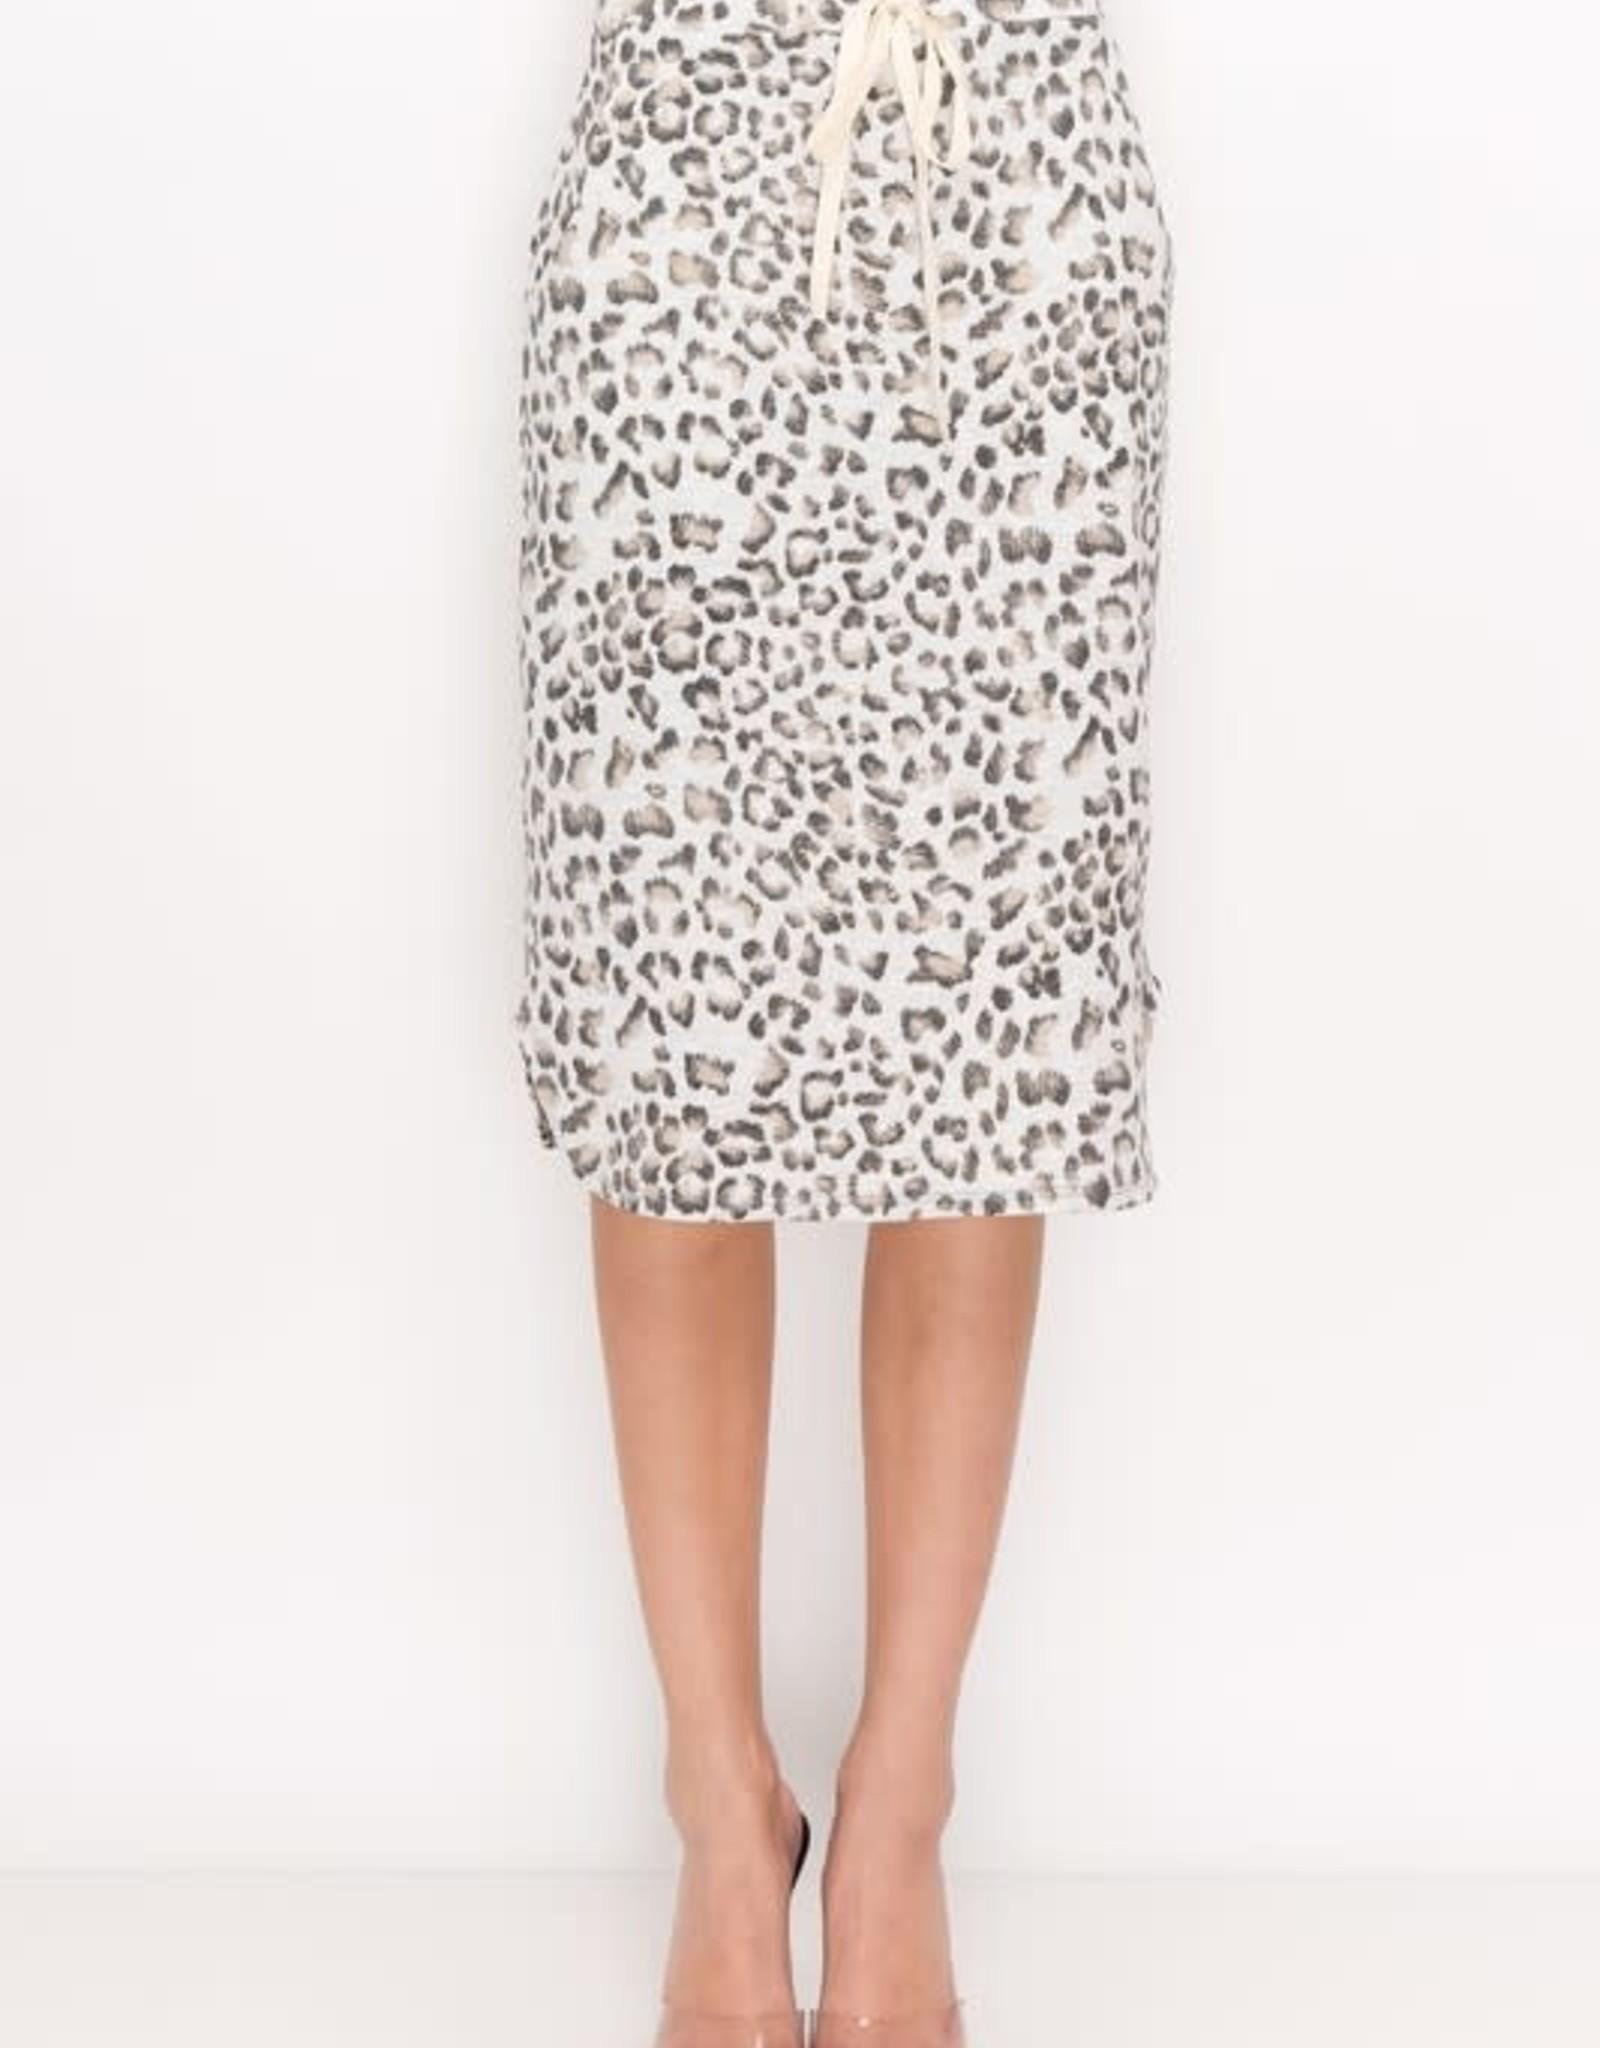 Animal Print drawstring skirt